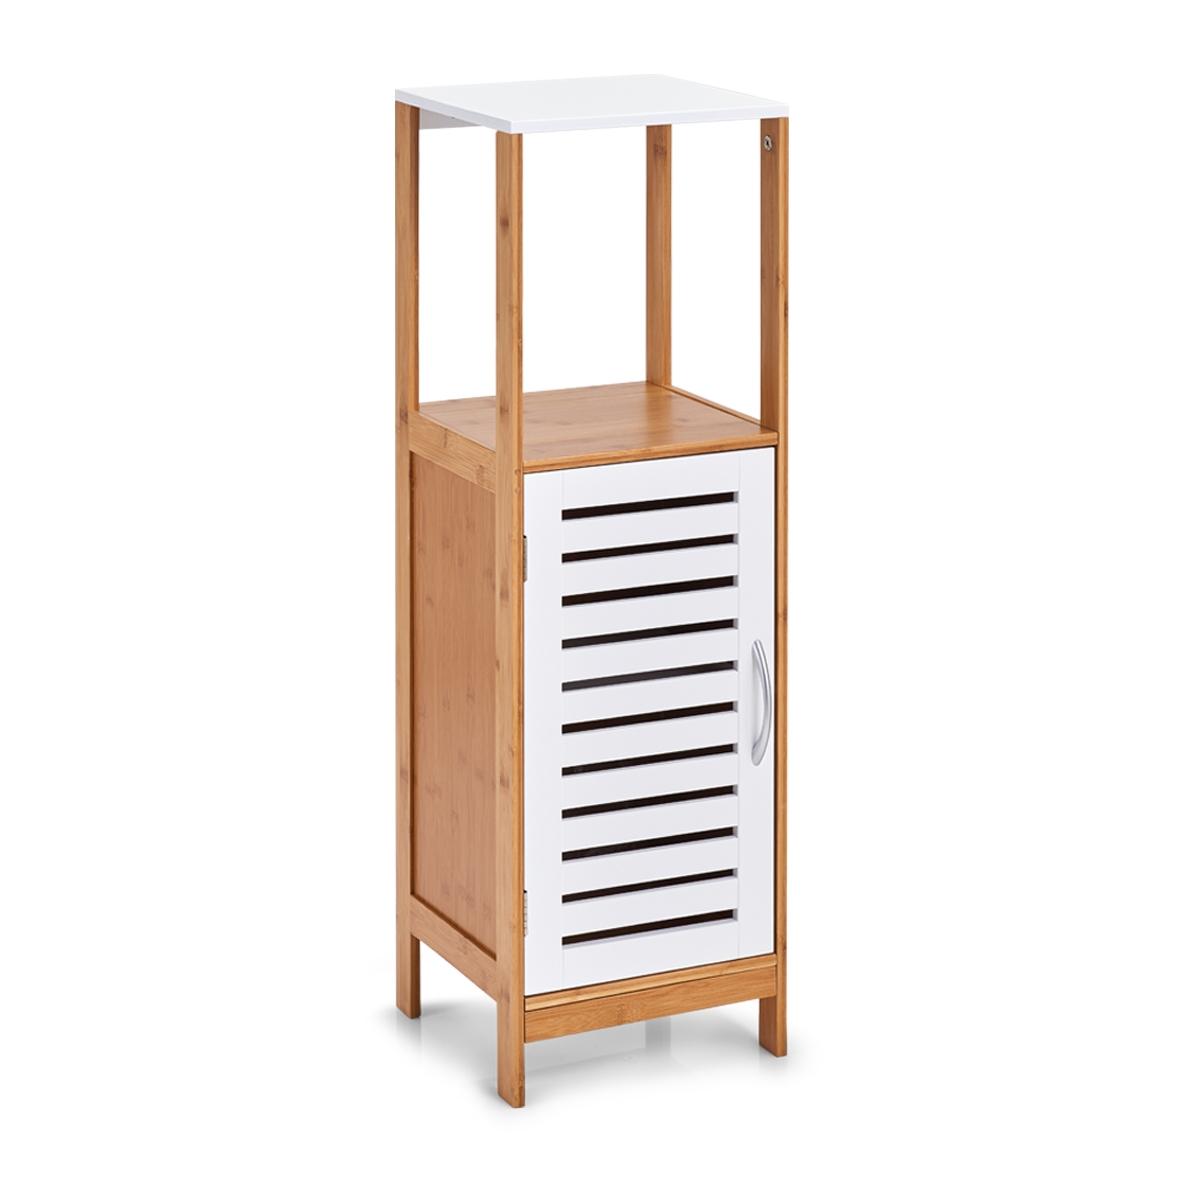 Dulap pentru baie cu 1 usa, din bambus si MDF, Stand Alb / Natural, l30xA30xH96 cm imagine